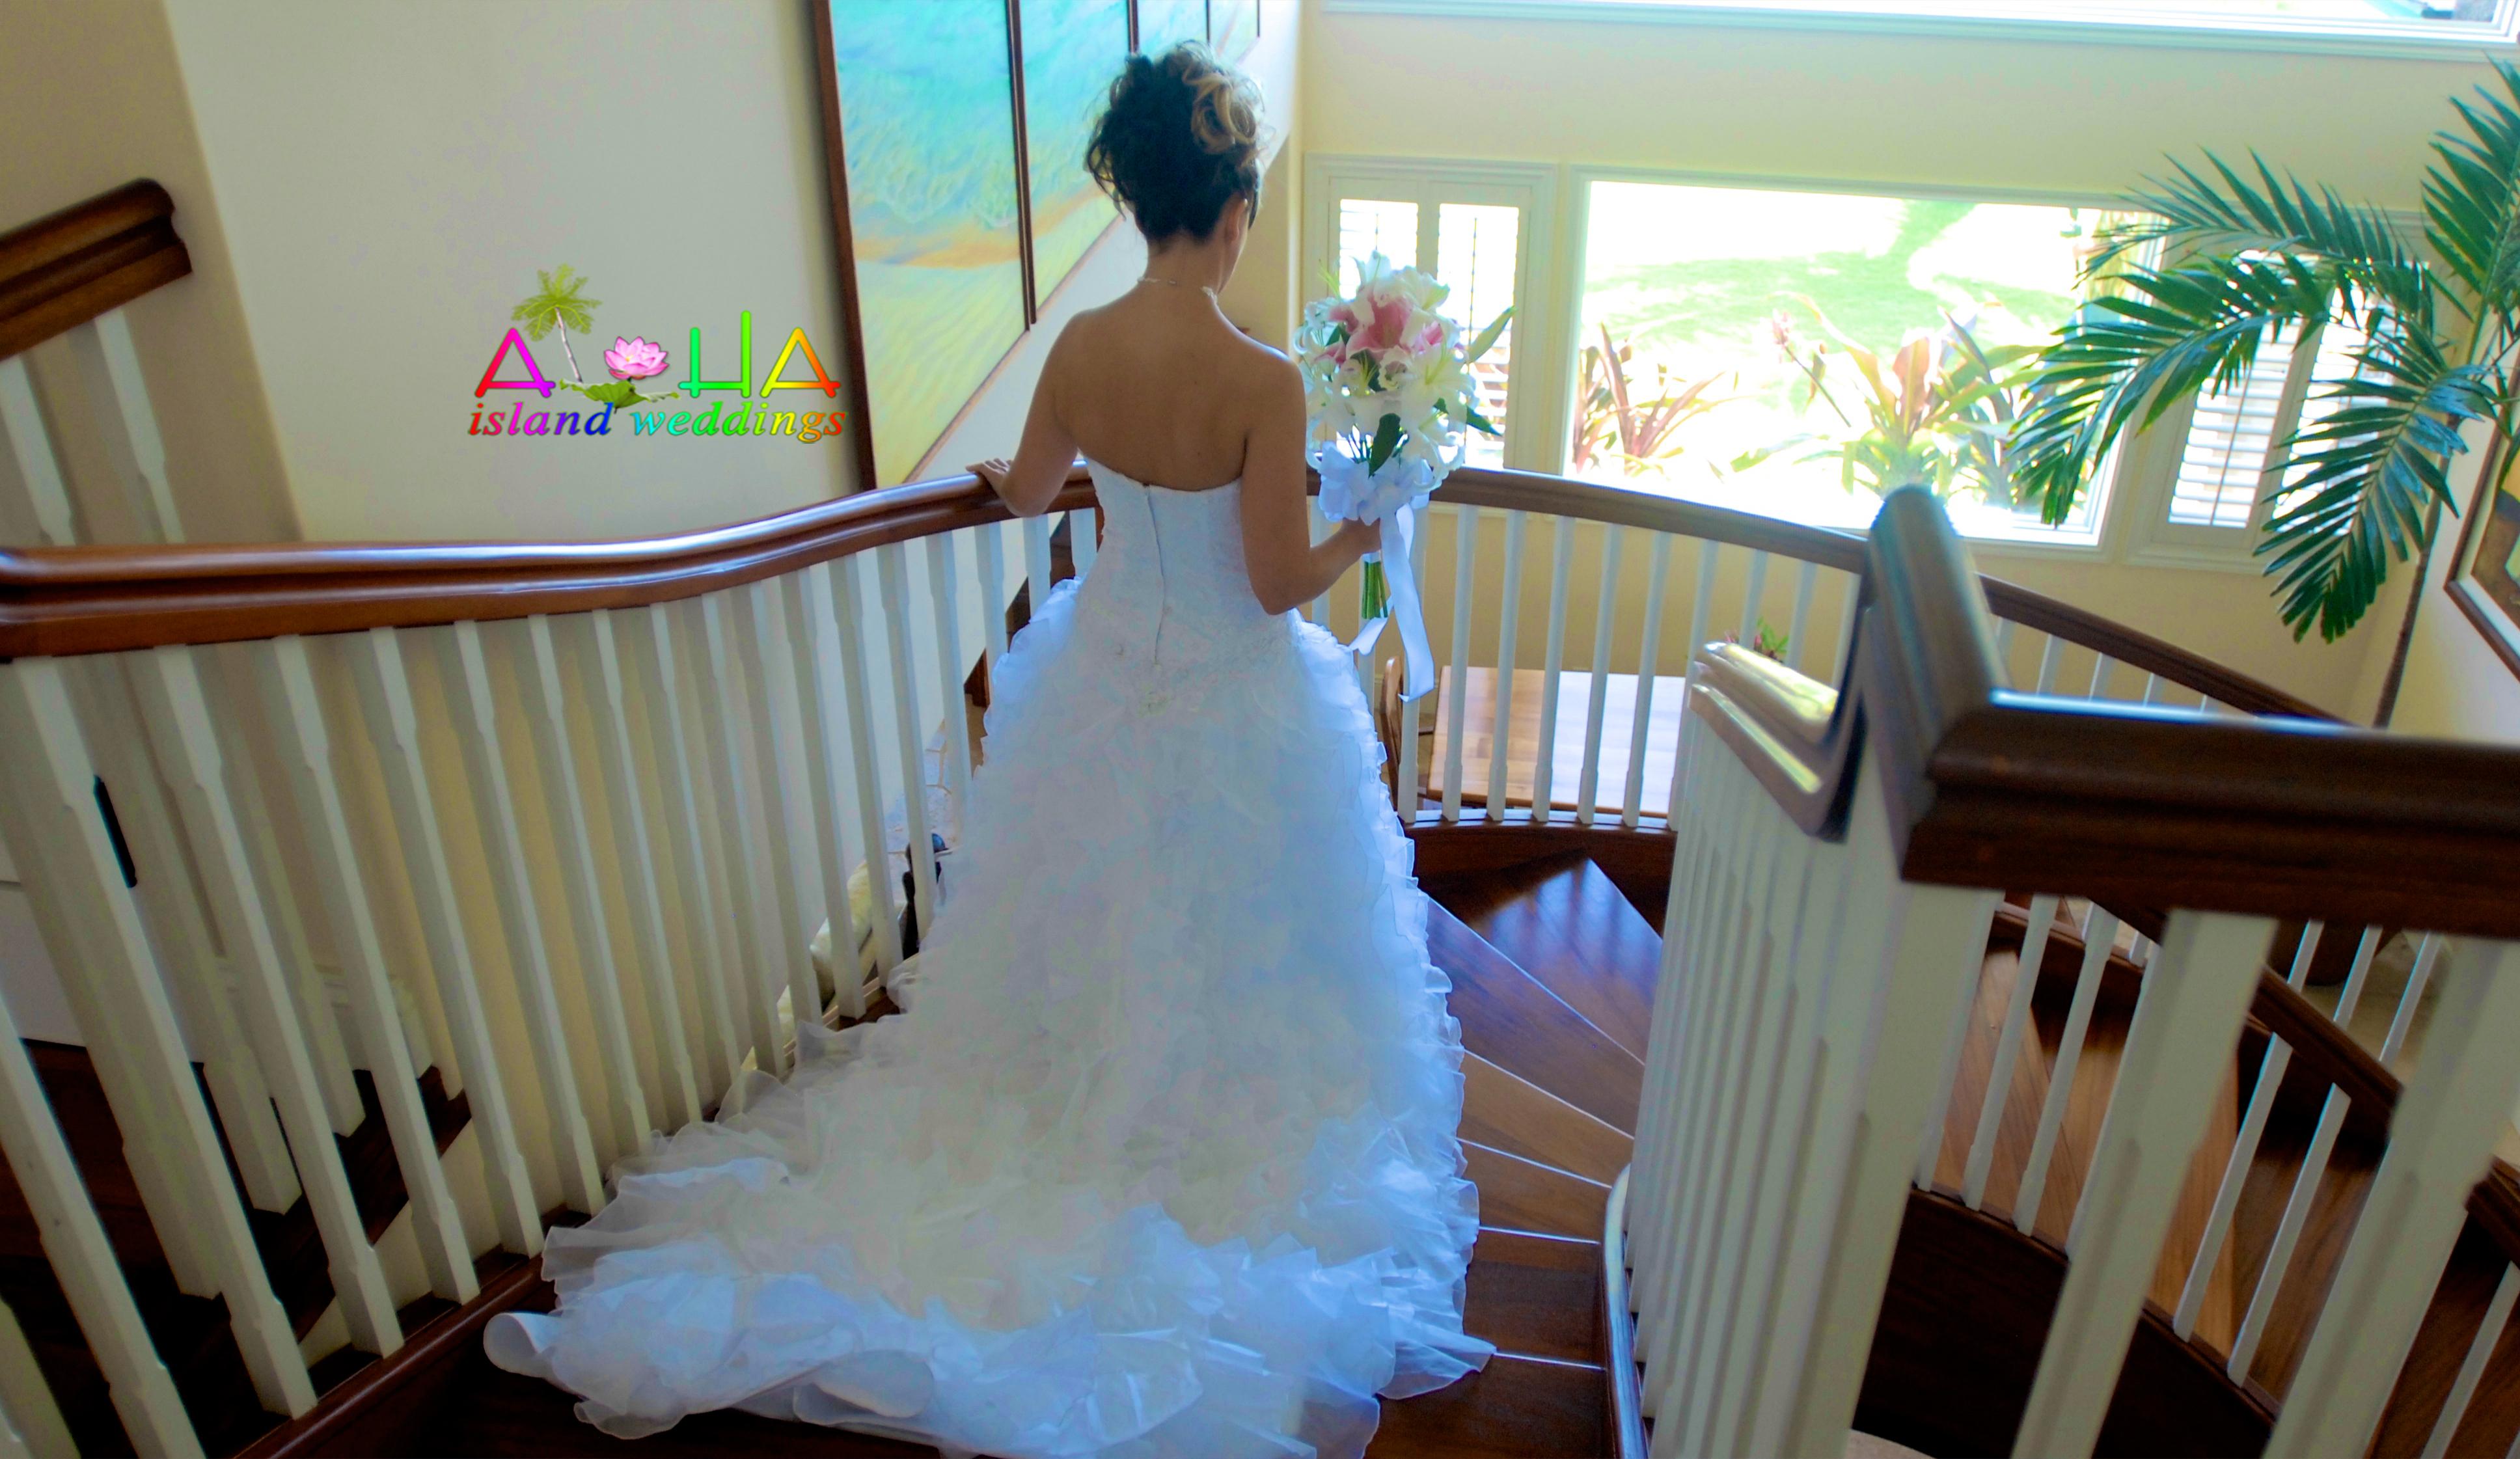 alohaislandweddings- Hawaiian Weddings-26